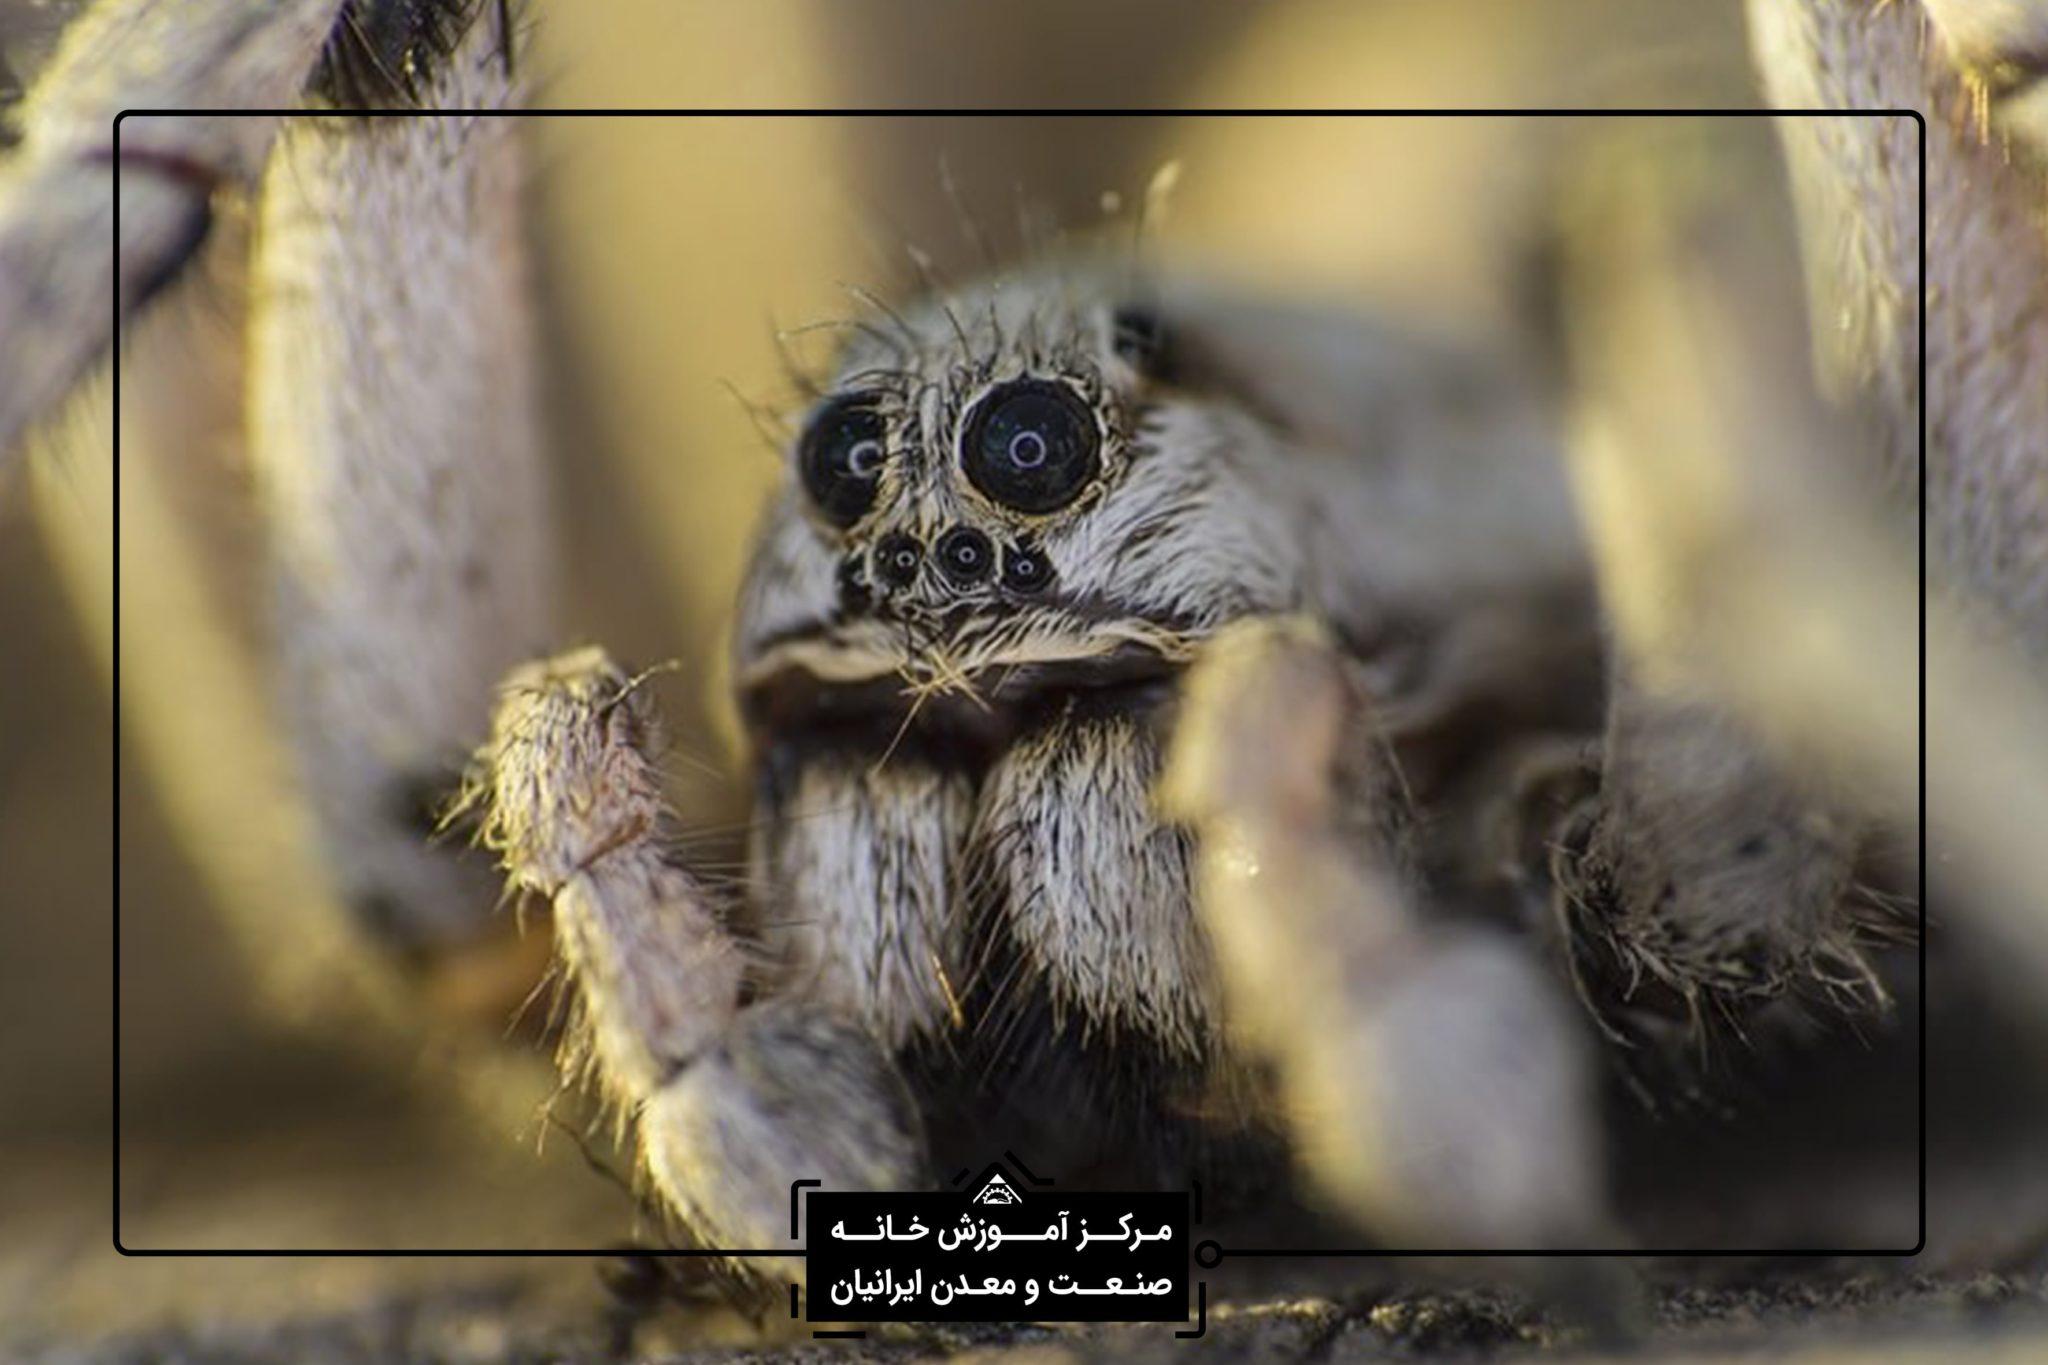 تخصصی در شیراز - آموزش عکاسی تخصصی در شیراز